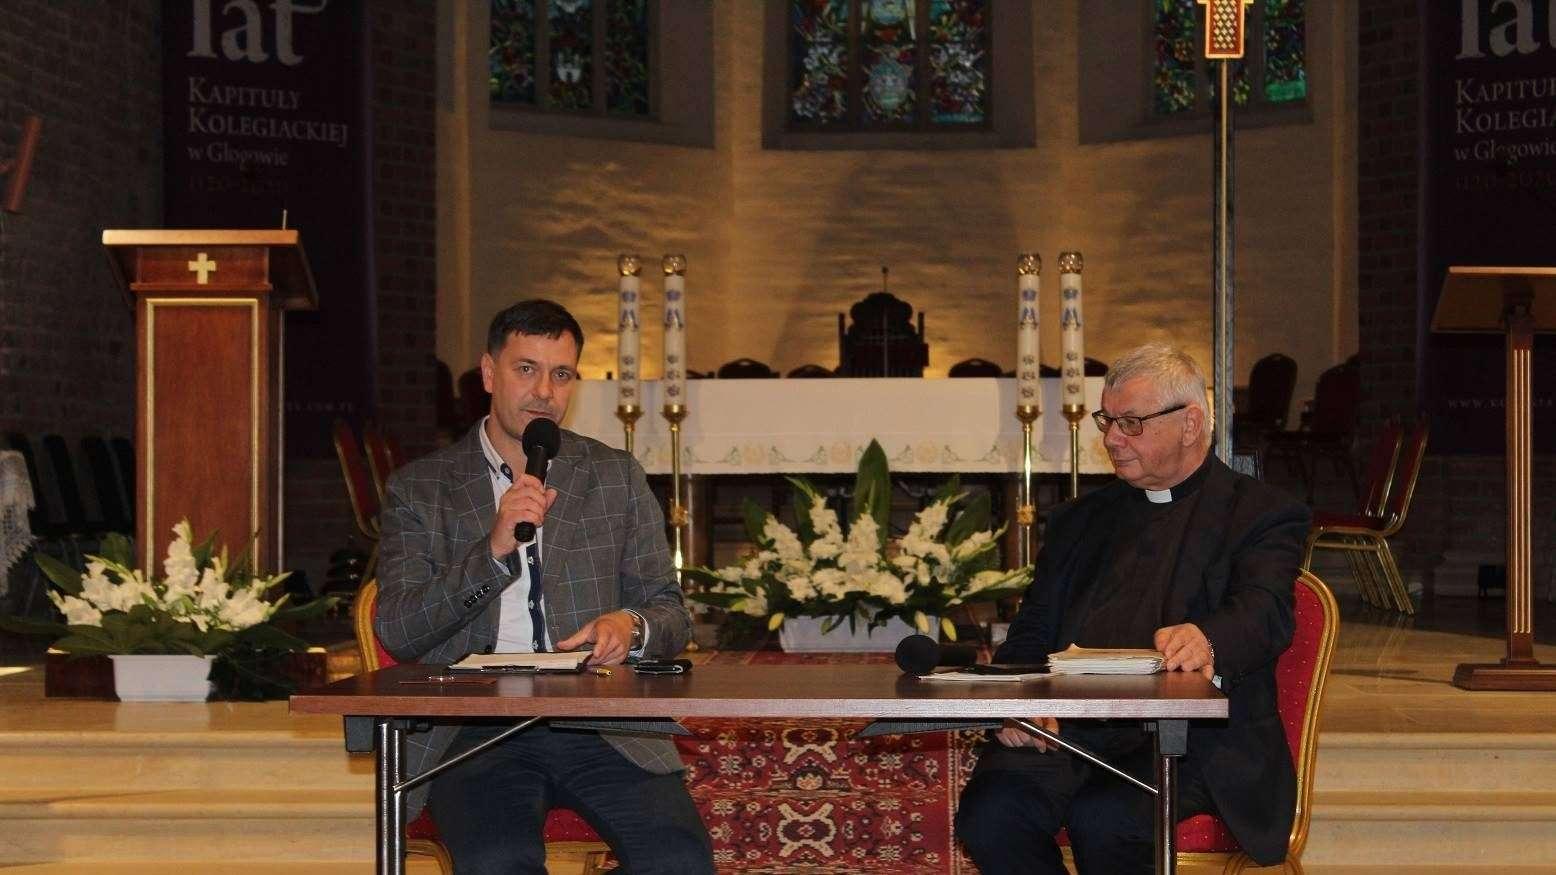 2020-09-26 spotkanie autorskie z ks. dr. Henrykiem Gerlicem (fot. TZG)